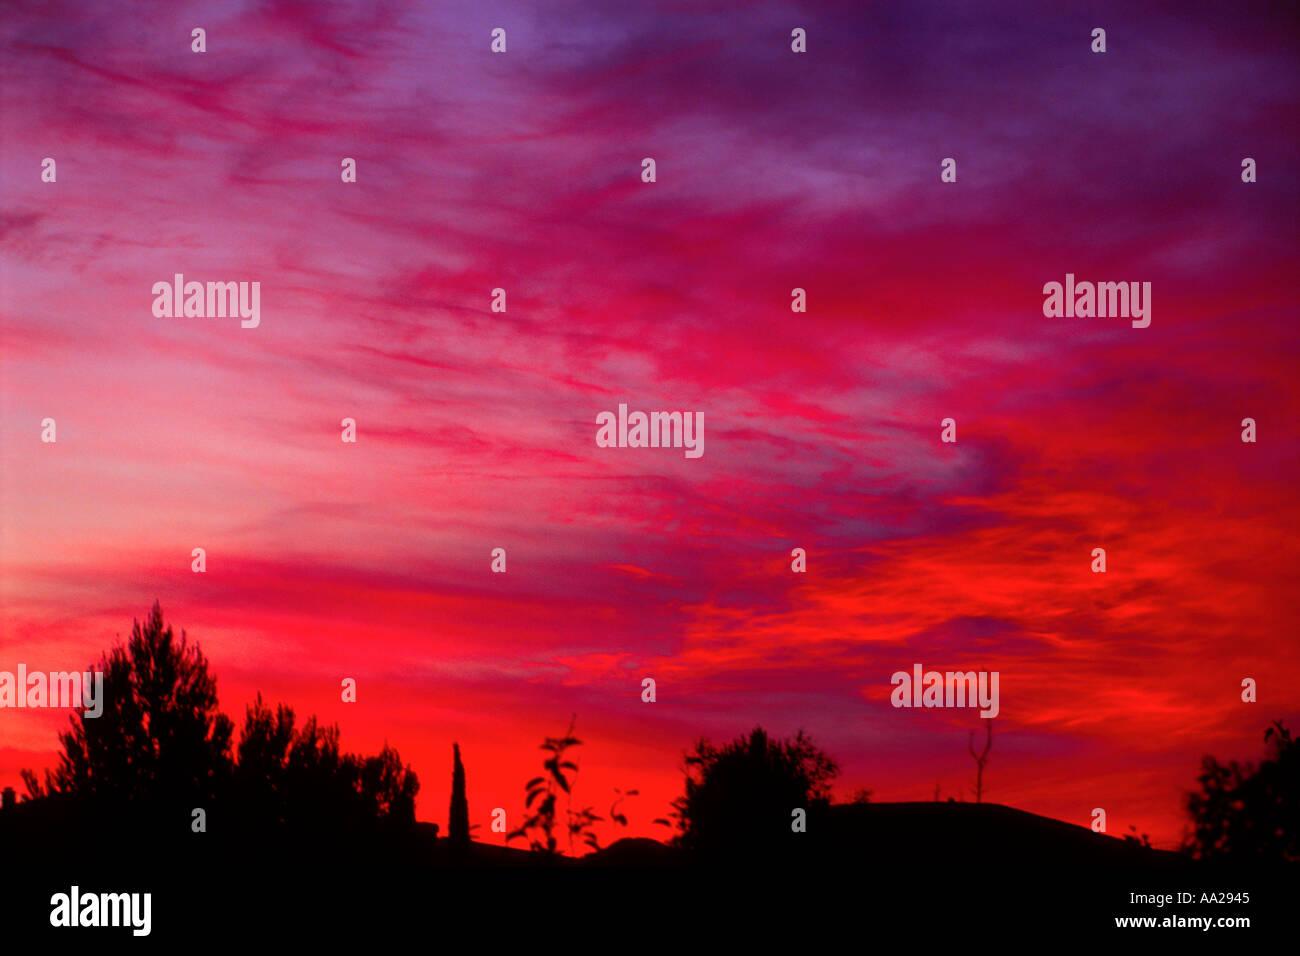 Cielo Rosso Di Notte.Nuvole Al Tramonto Cielo Rosso Di Notte I Marinai Delizia Foto